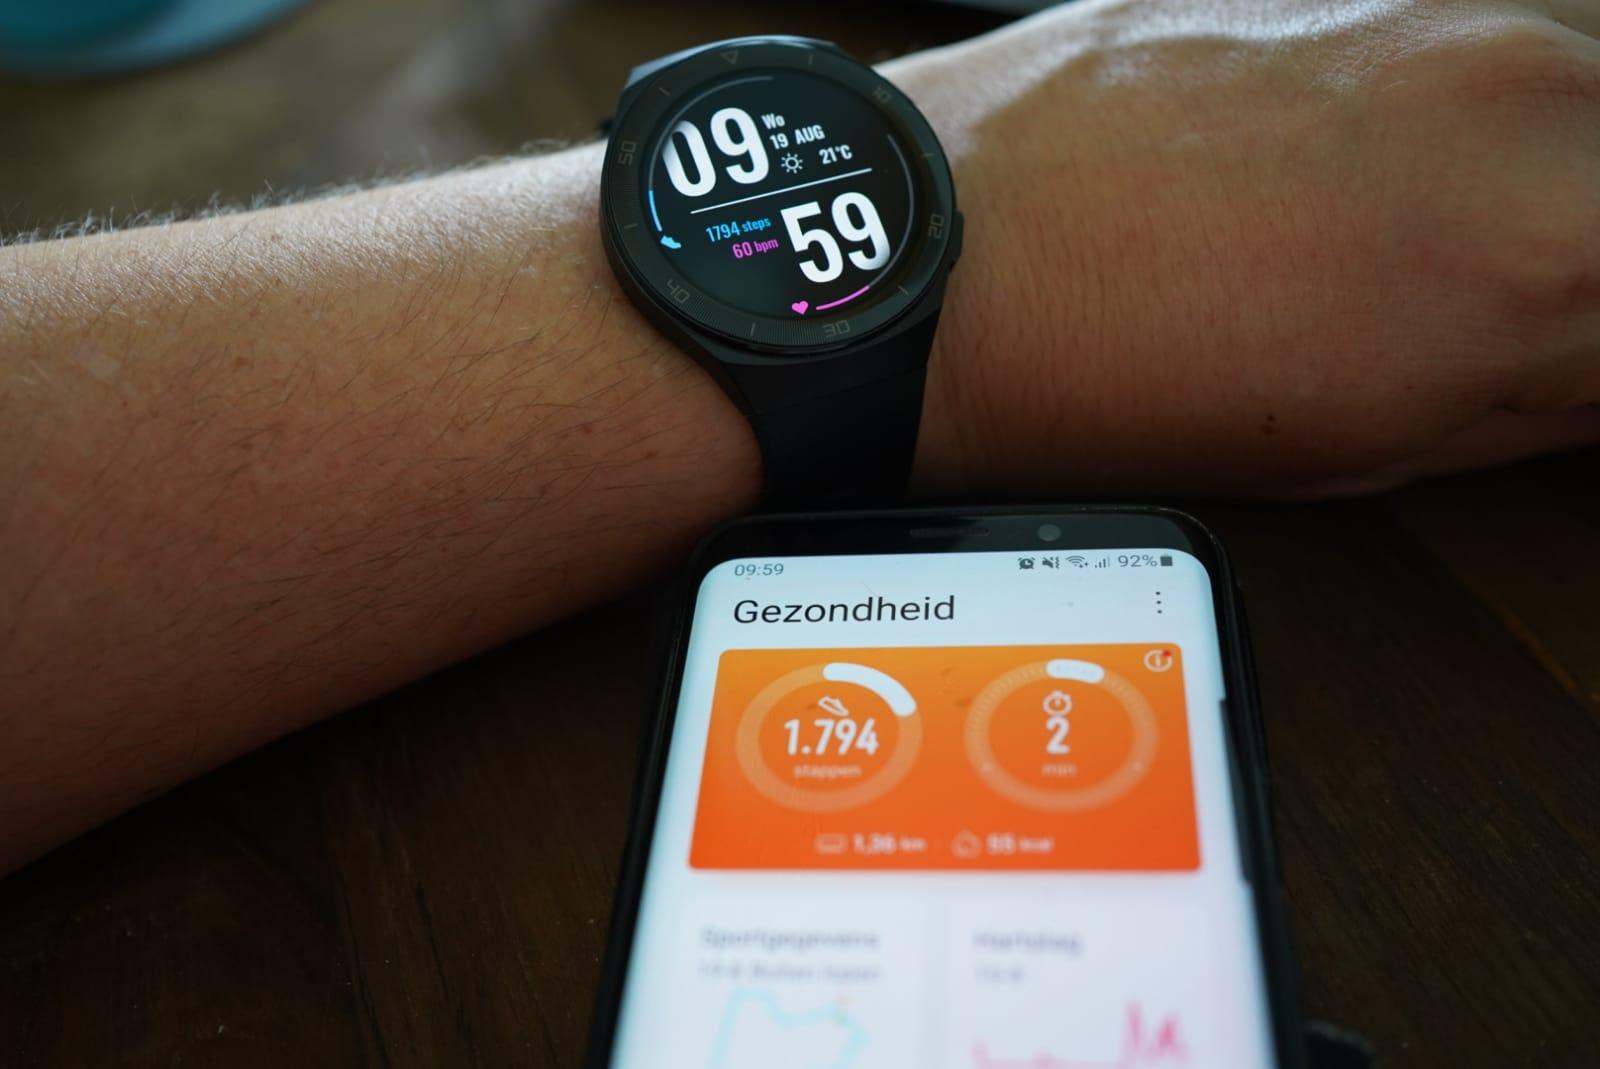 Gezondheid app Huawei GT2